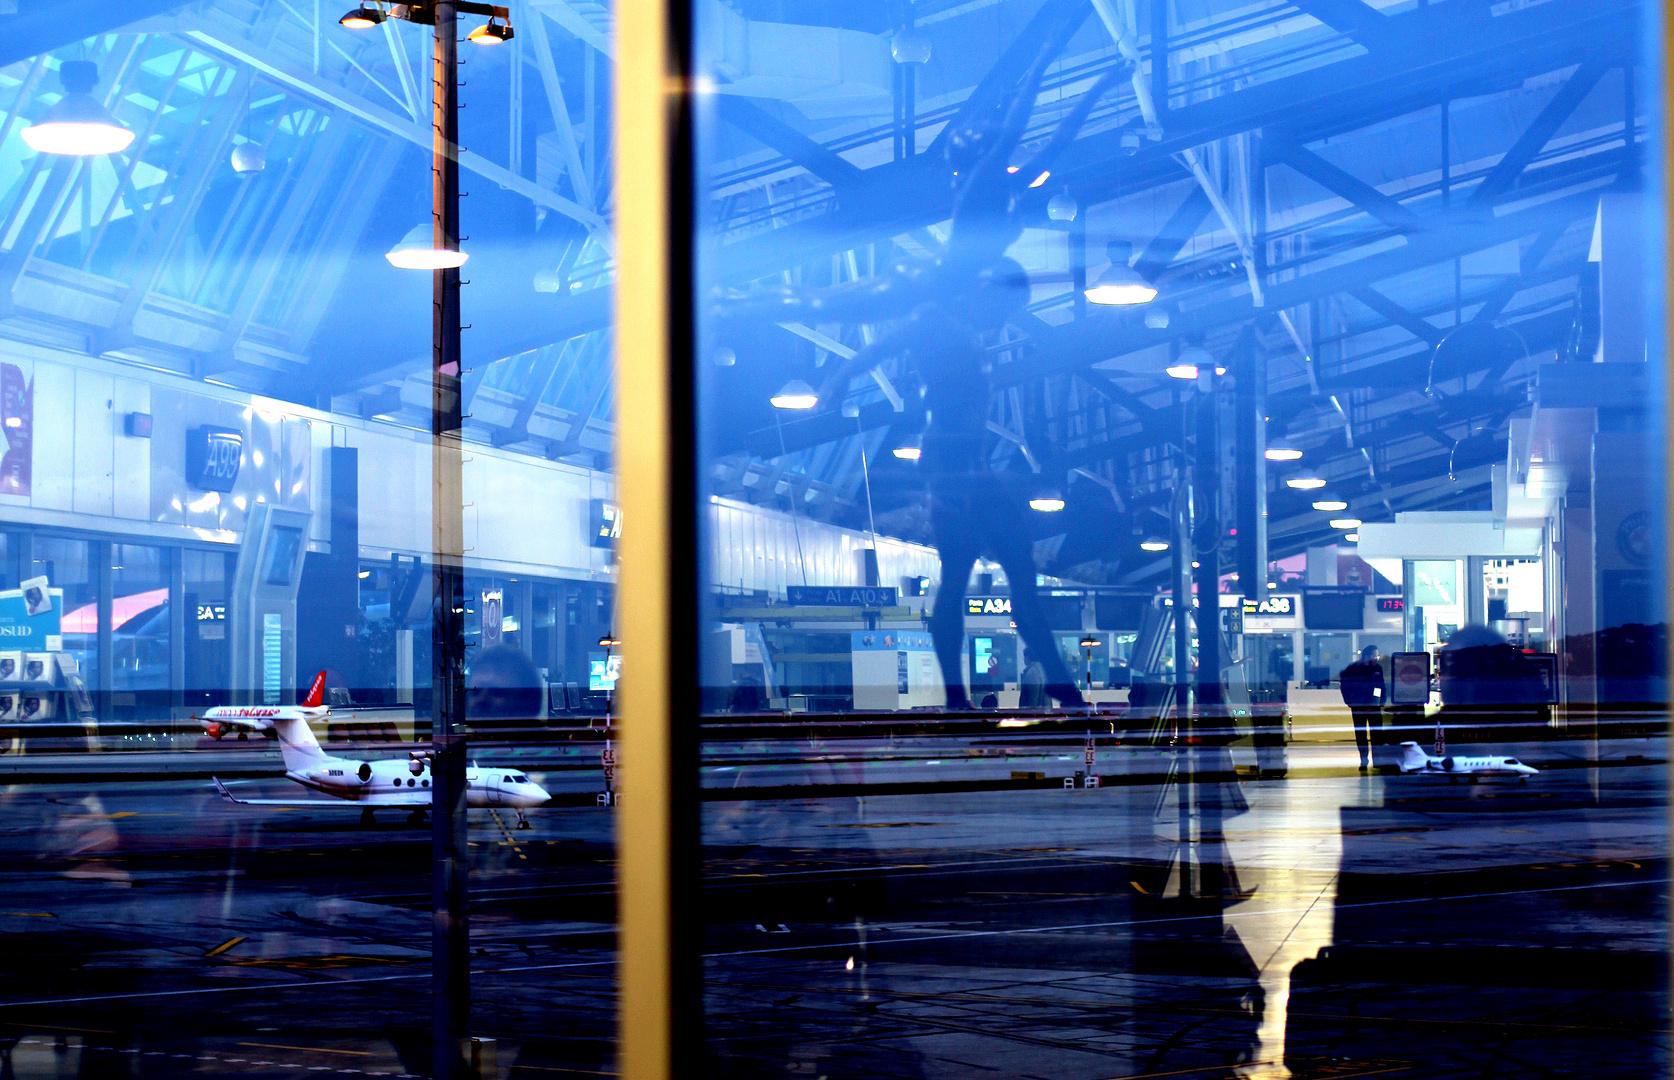 Verwirrung am Flughafen (Nizza)